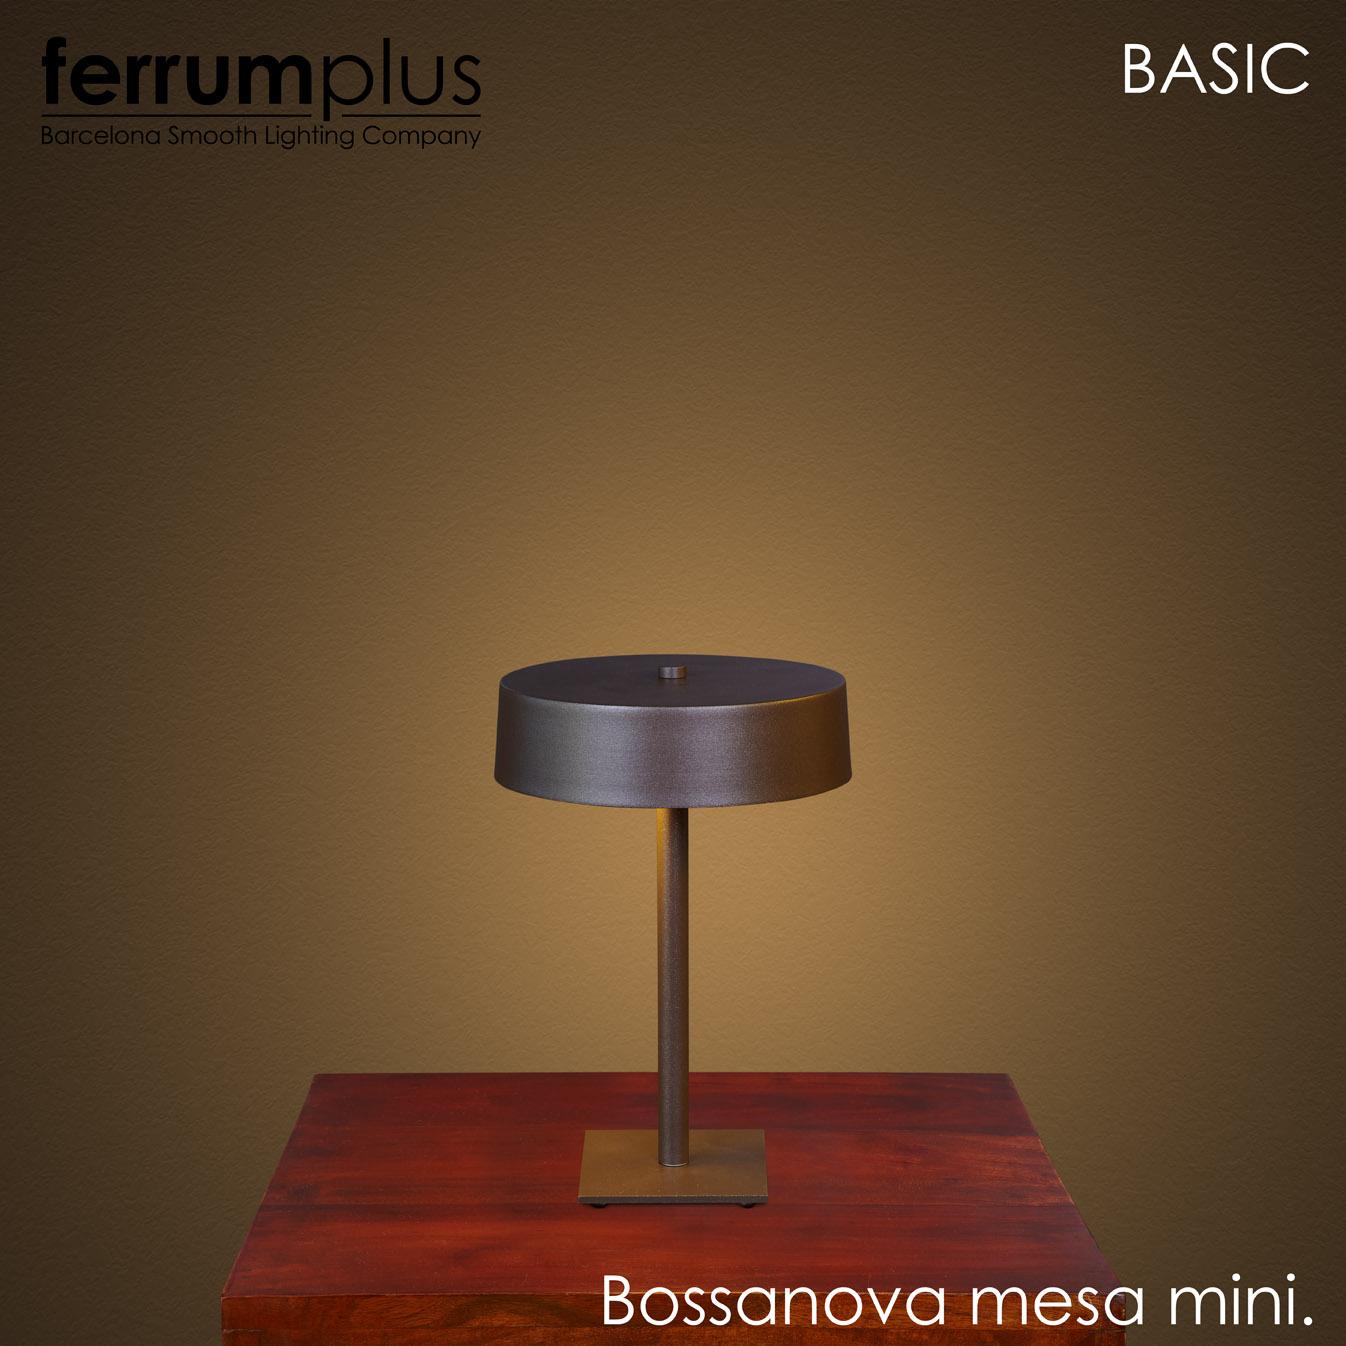 Bossanova sobremesa mini tienda lamparas barcelona alda - Lamparas diseno barcelona ...